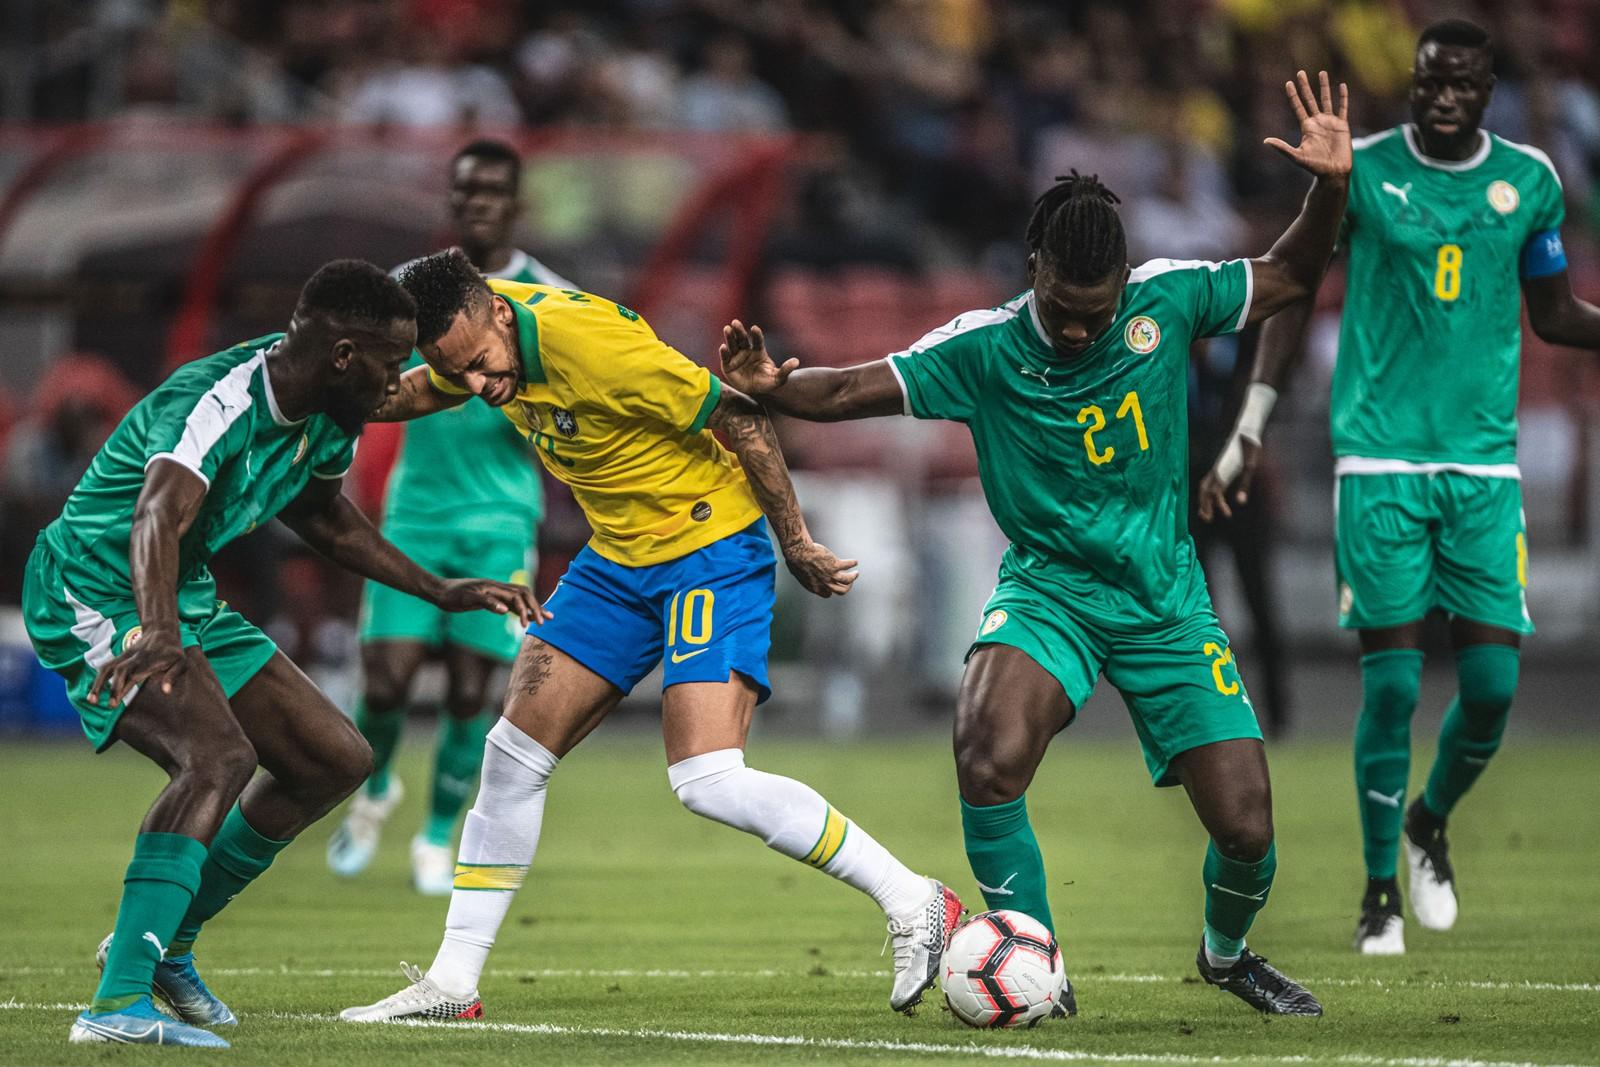 Jogador foi criticado após resultado de empate. Foto: Pedro Martins / MoWA Press